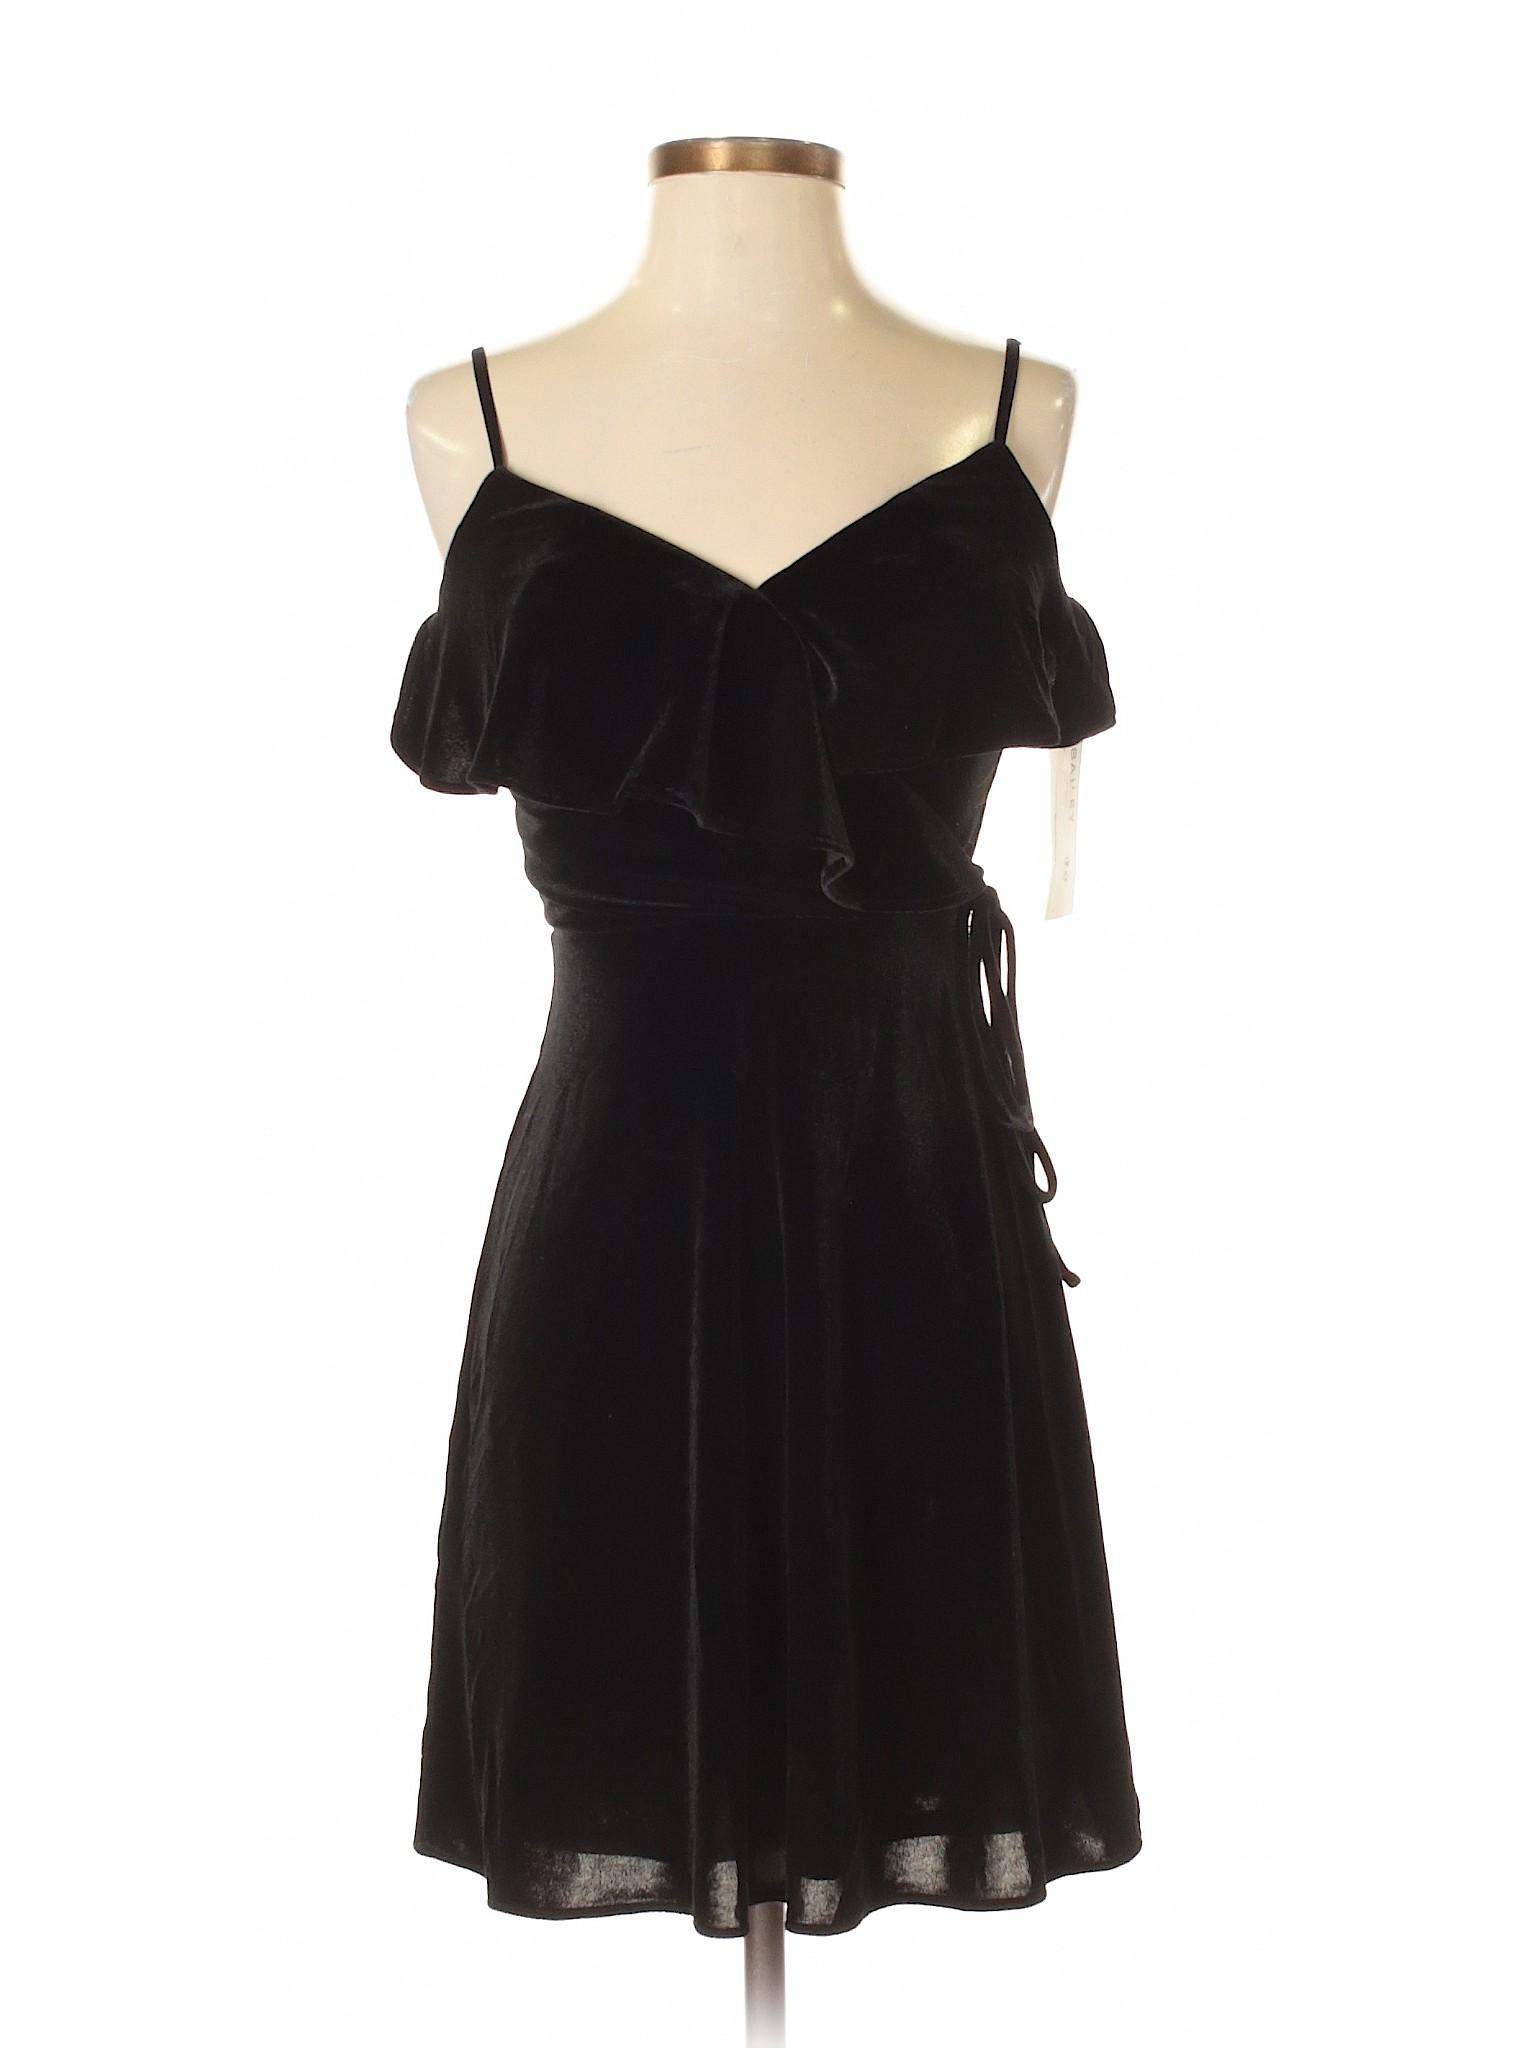 winter Casual Dress Bailey 44 Boutique d8wZqSxd